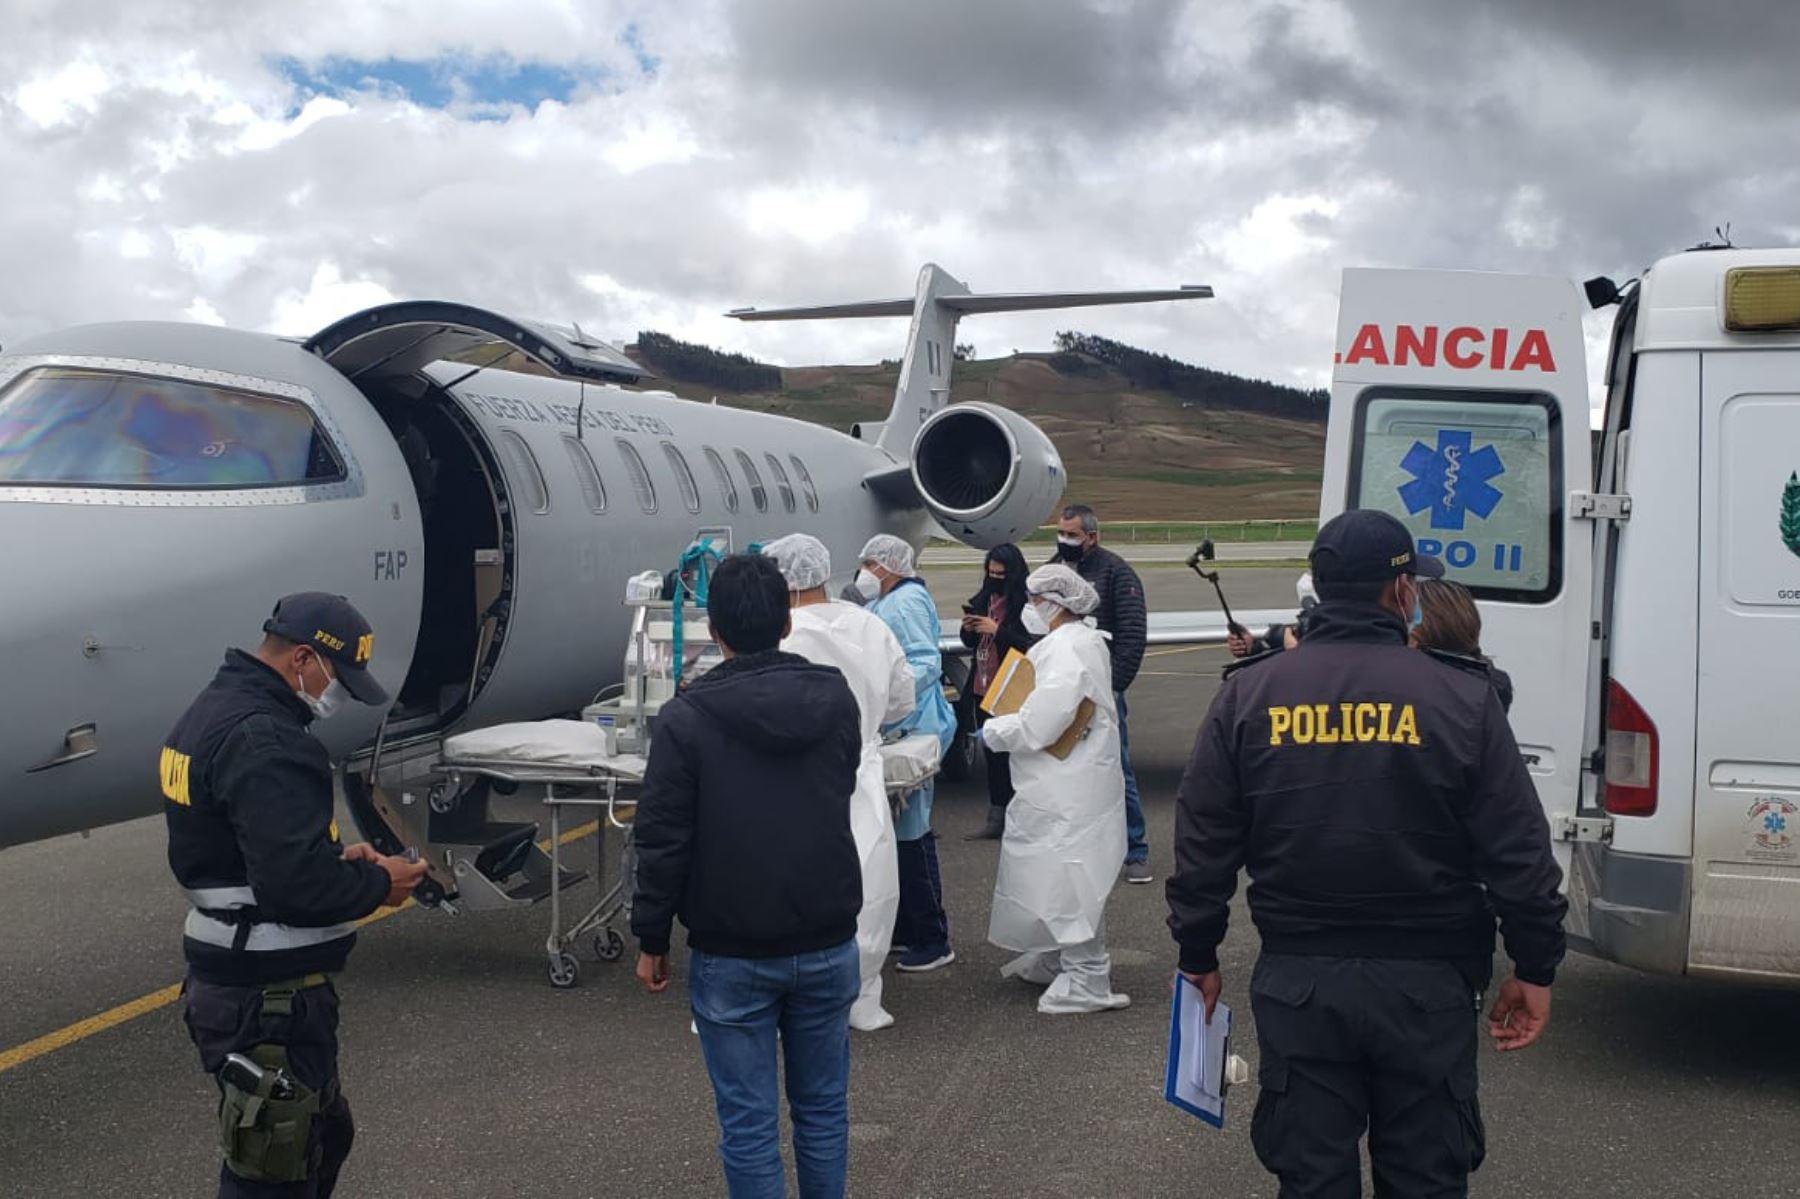 fap-evacua-por-via-aerea-a-lima-a-bebe-con-sindrome-de-dificultad-respiratoria